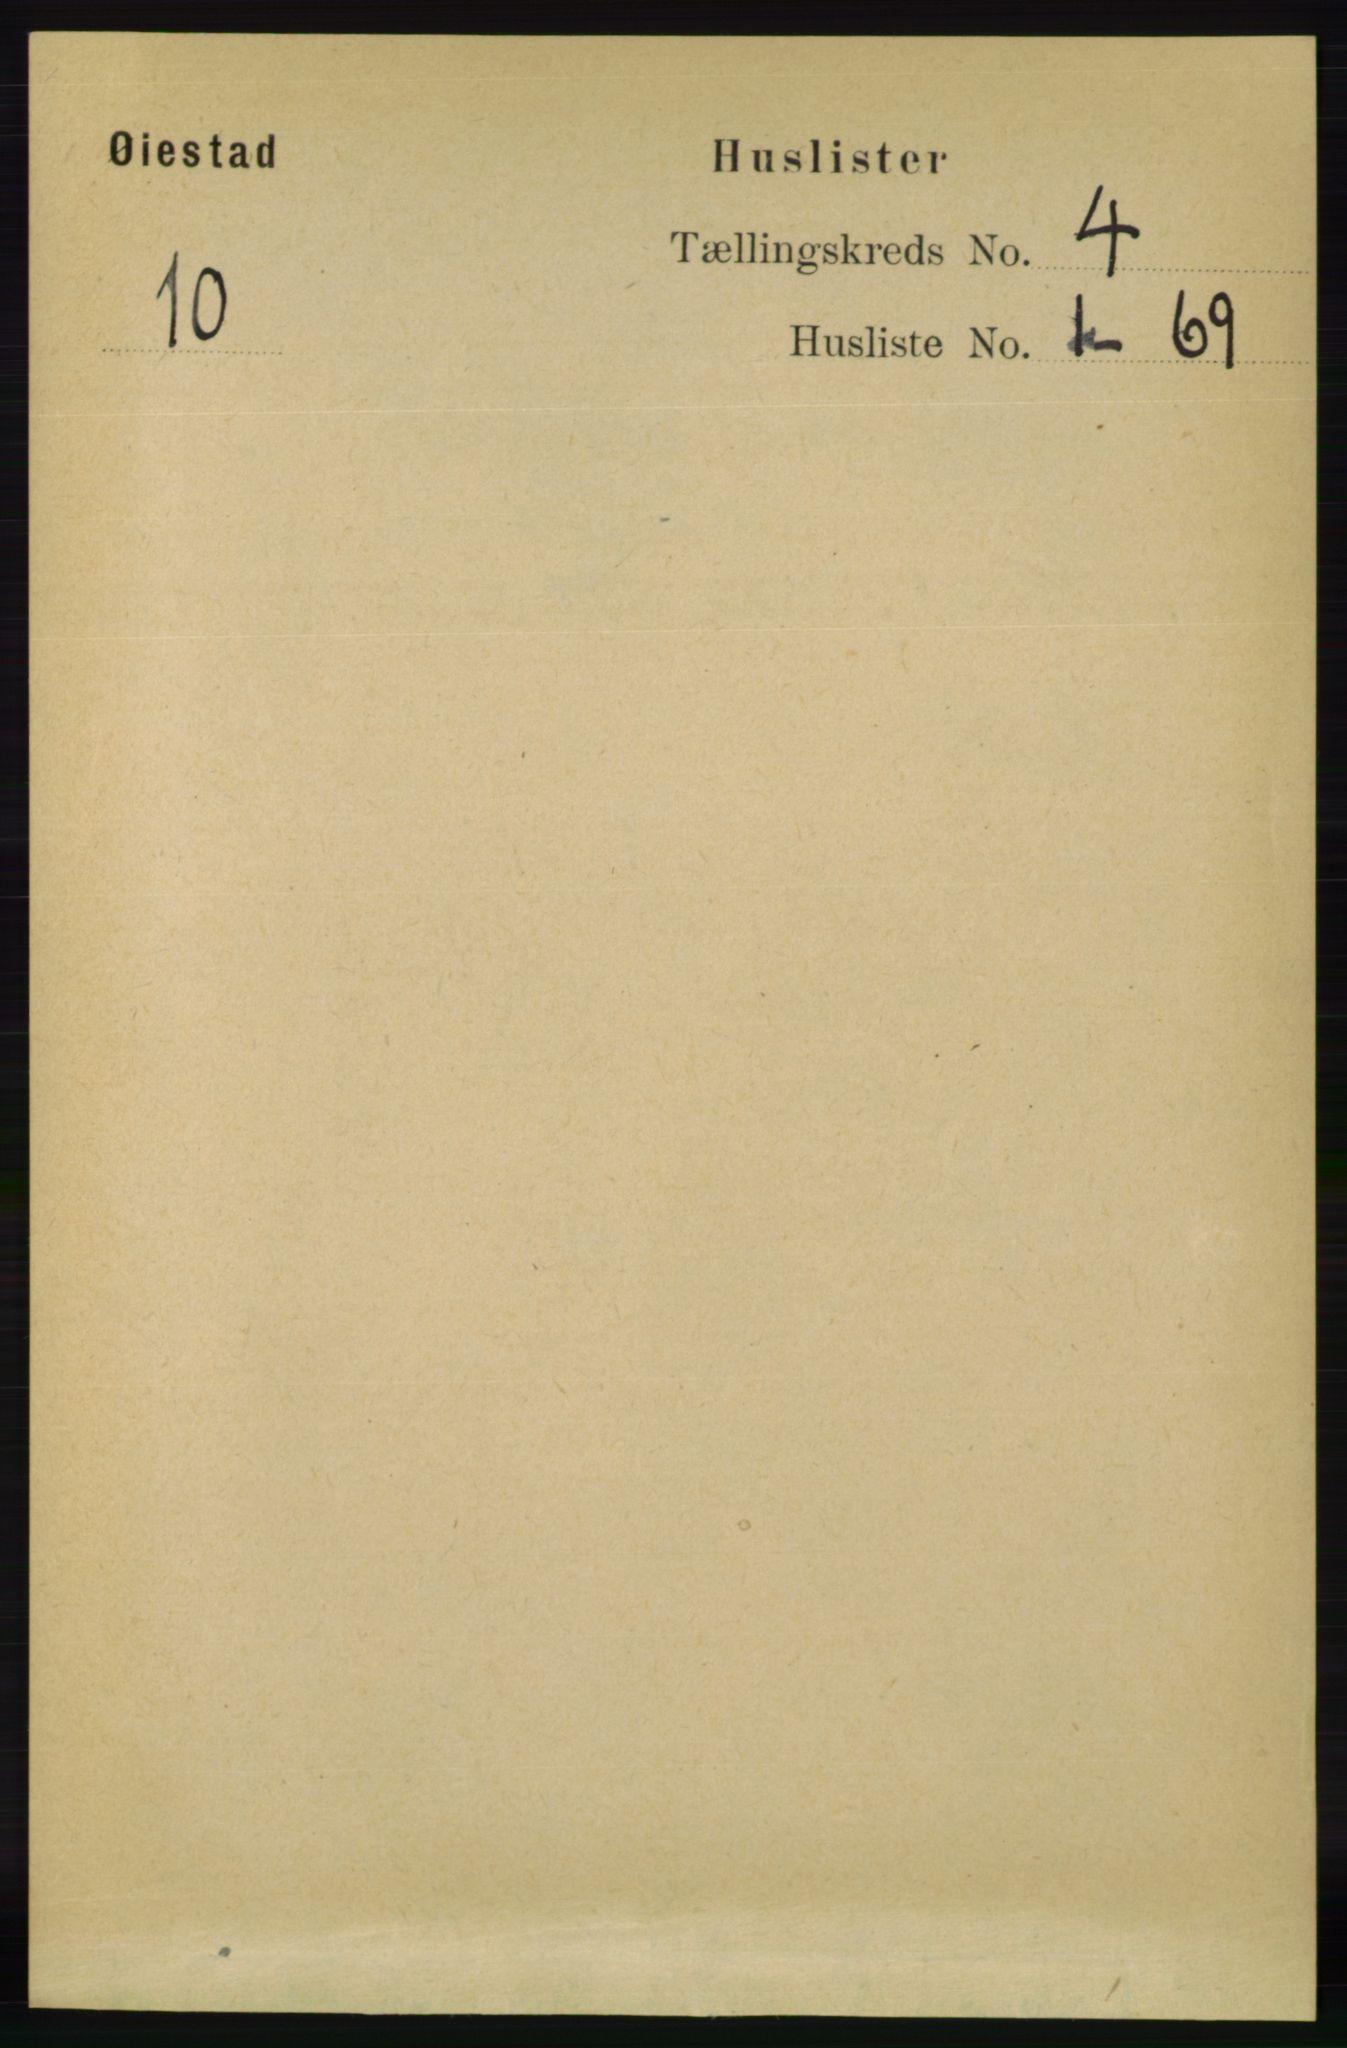 RA, Folketelling 1891 for 0920 Øyestad herred, 1891, s. 1320